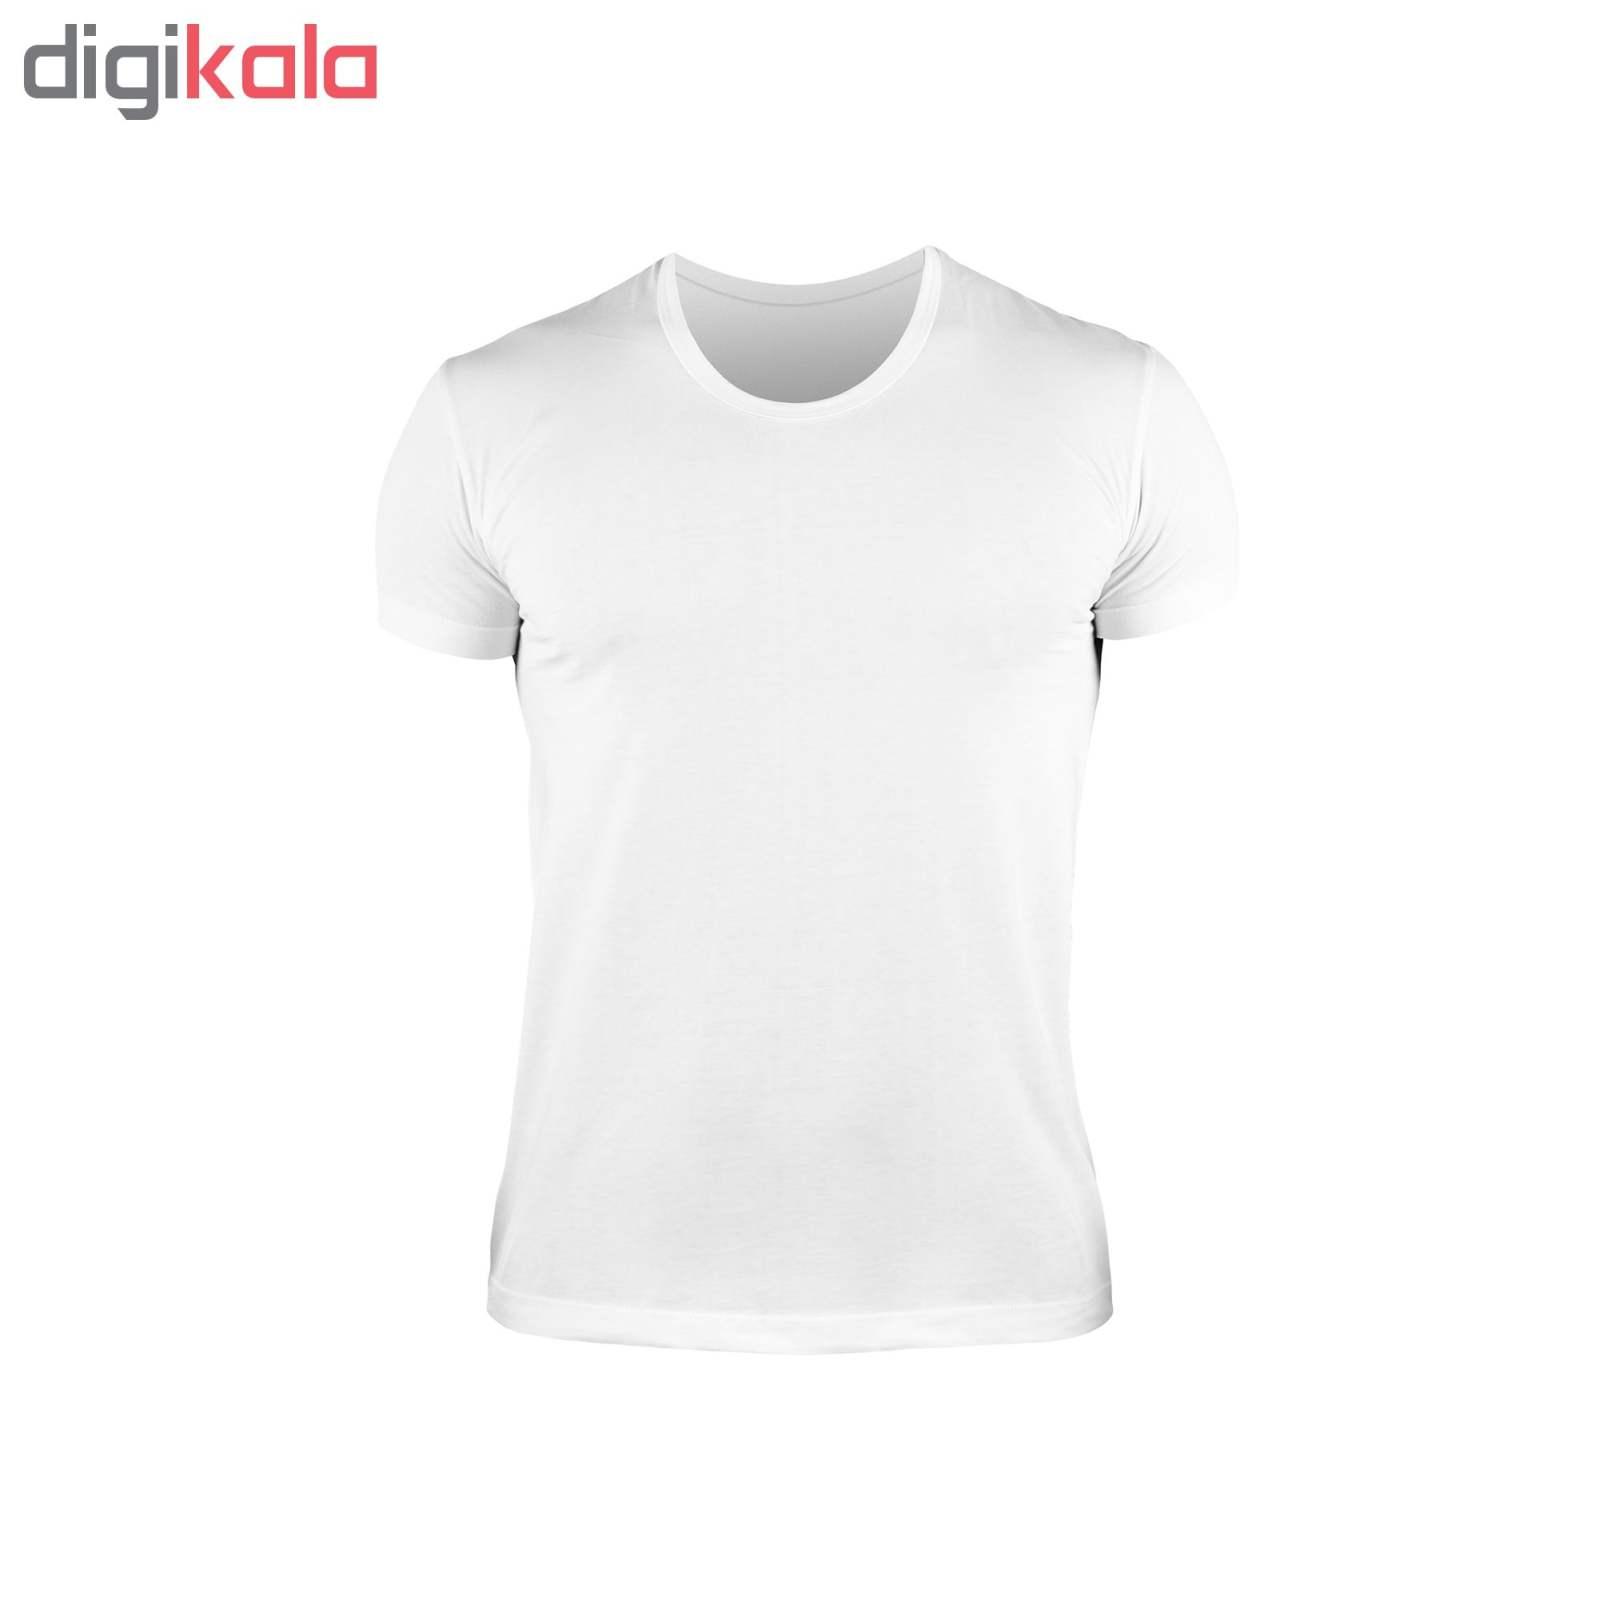 زیرپوش مردانه کیان تن پوش مدل U Neck Shirt Classic W مجموعه 12عددی main 1 2